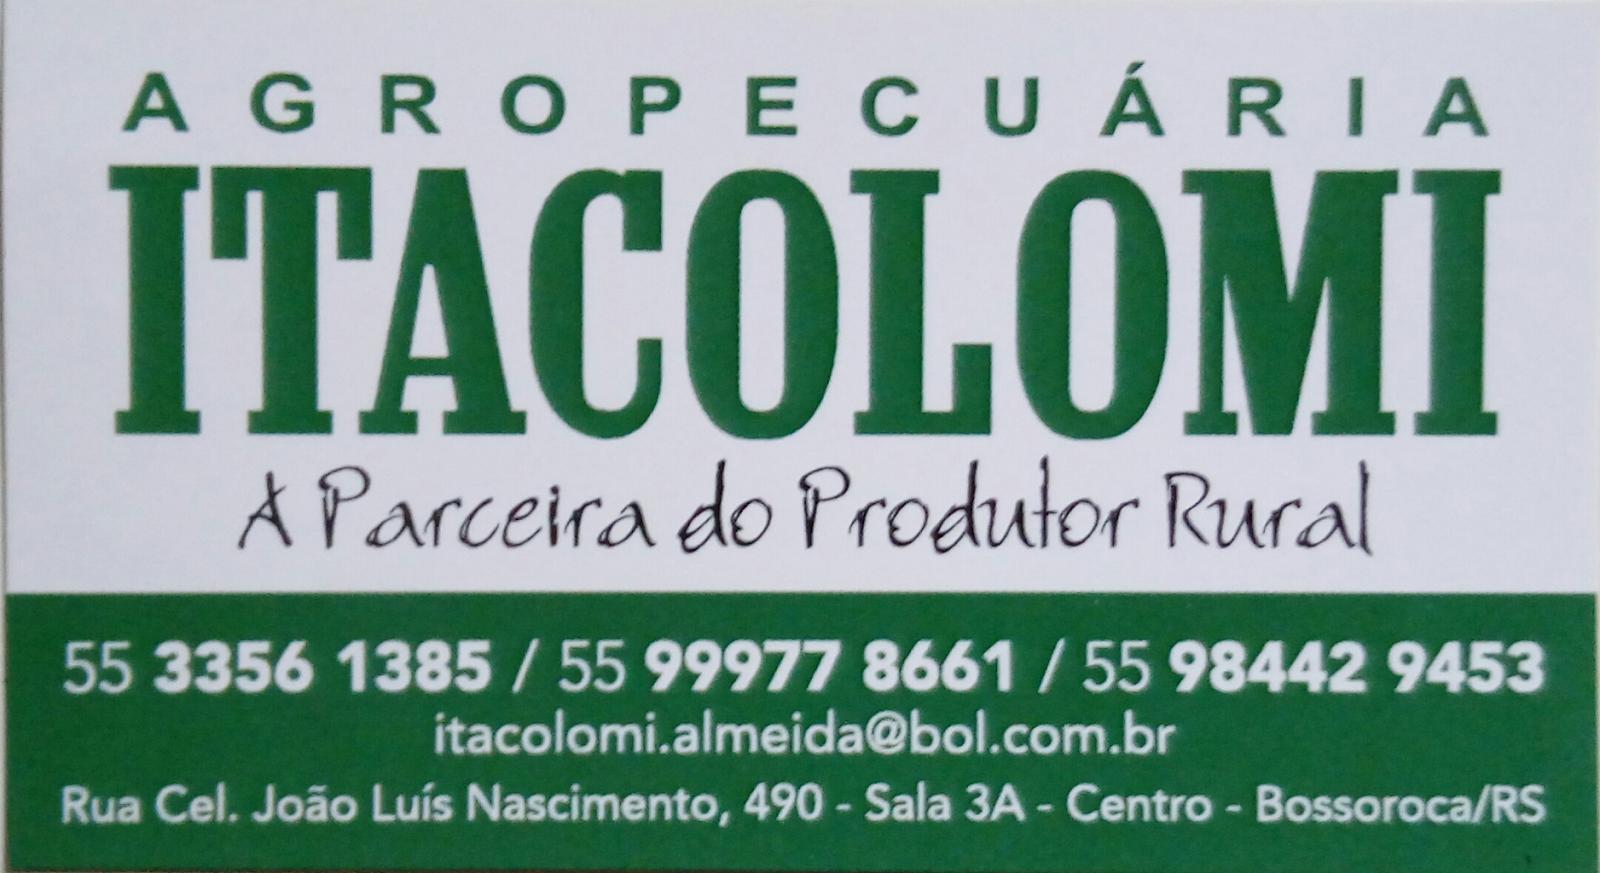 AGROPECUÁRIA ITACOLOMI